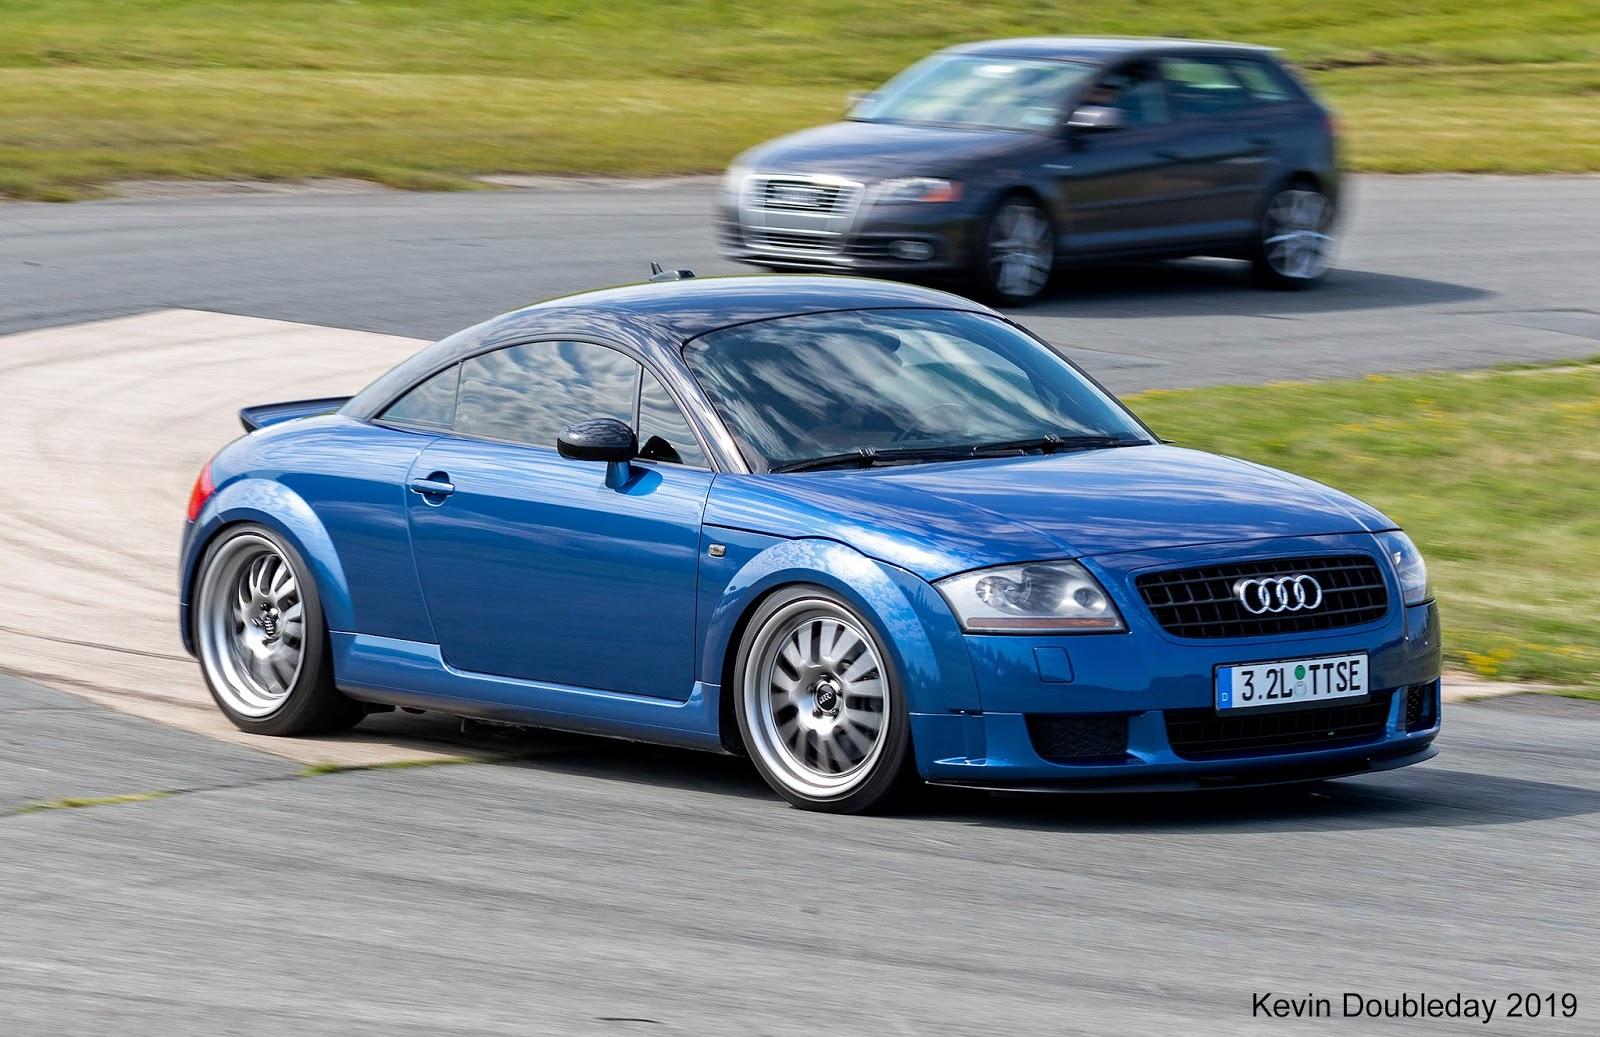 Kekurangan Audi Tt 3.2 V6 Tangguh